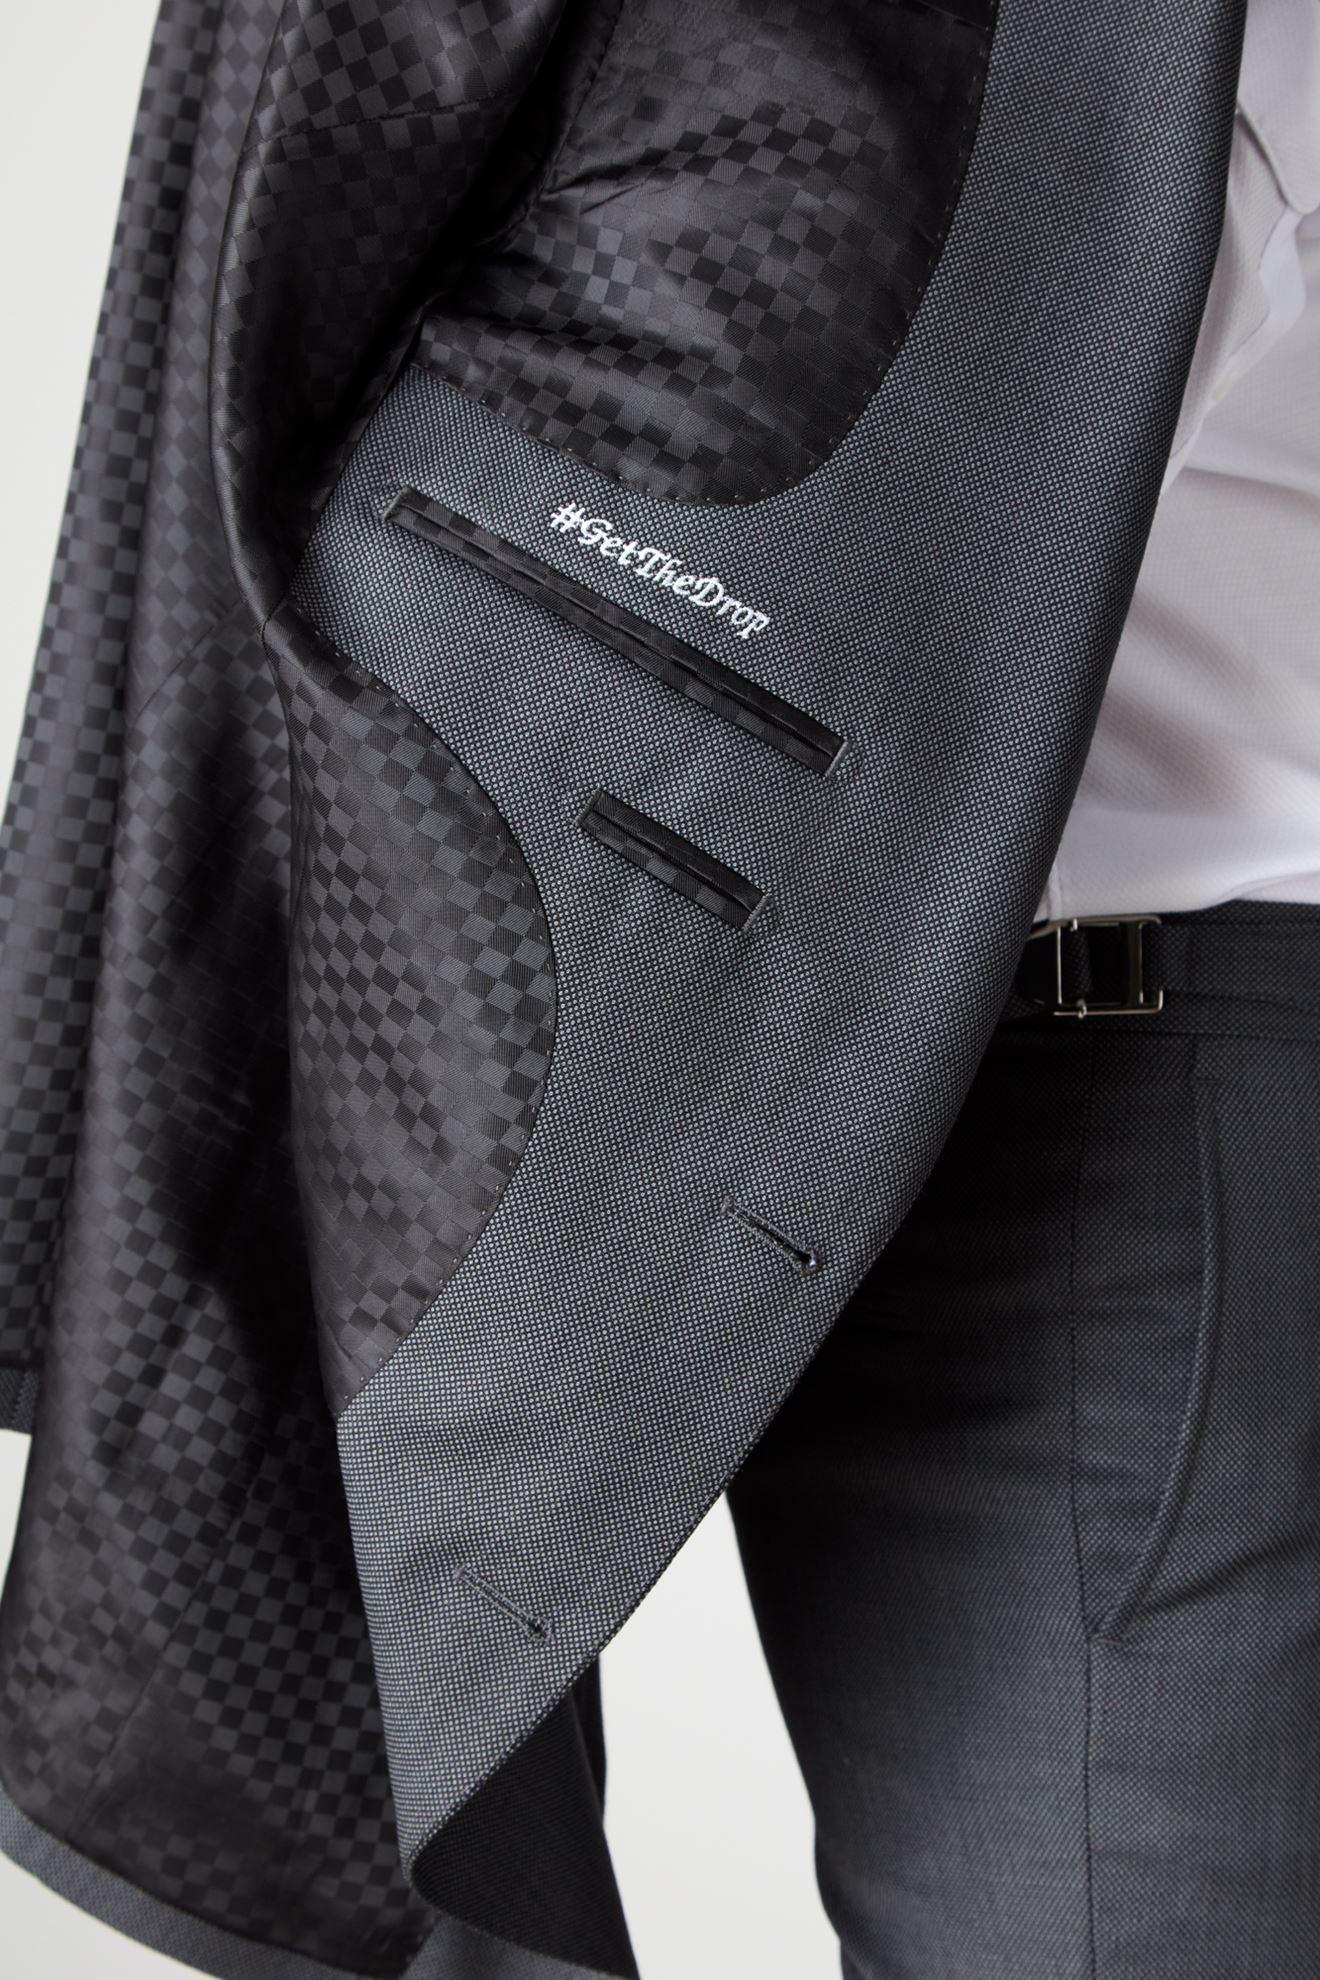 detail shot (lining, monogram etc) on jacket